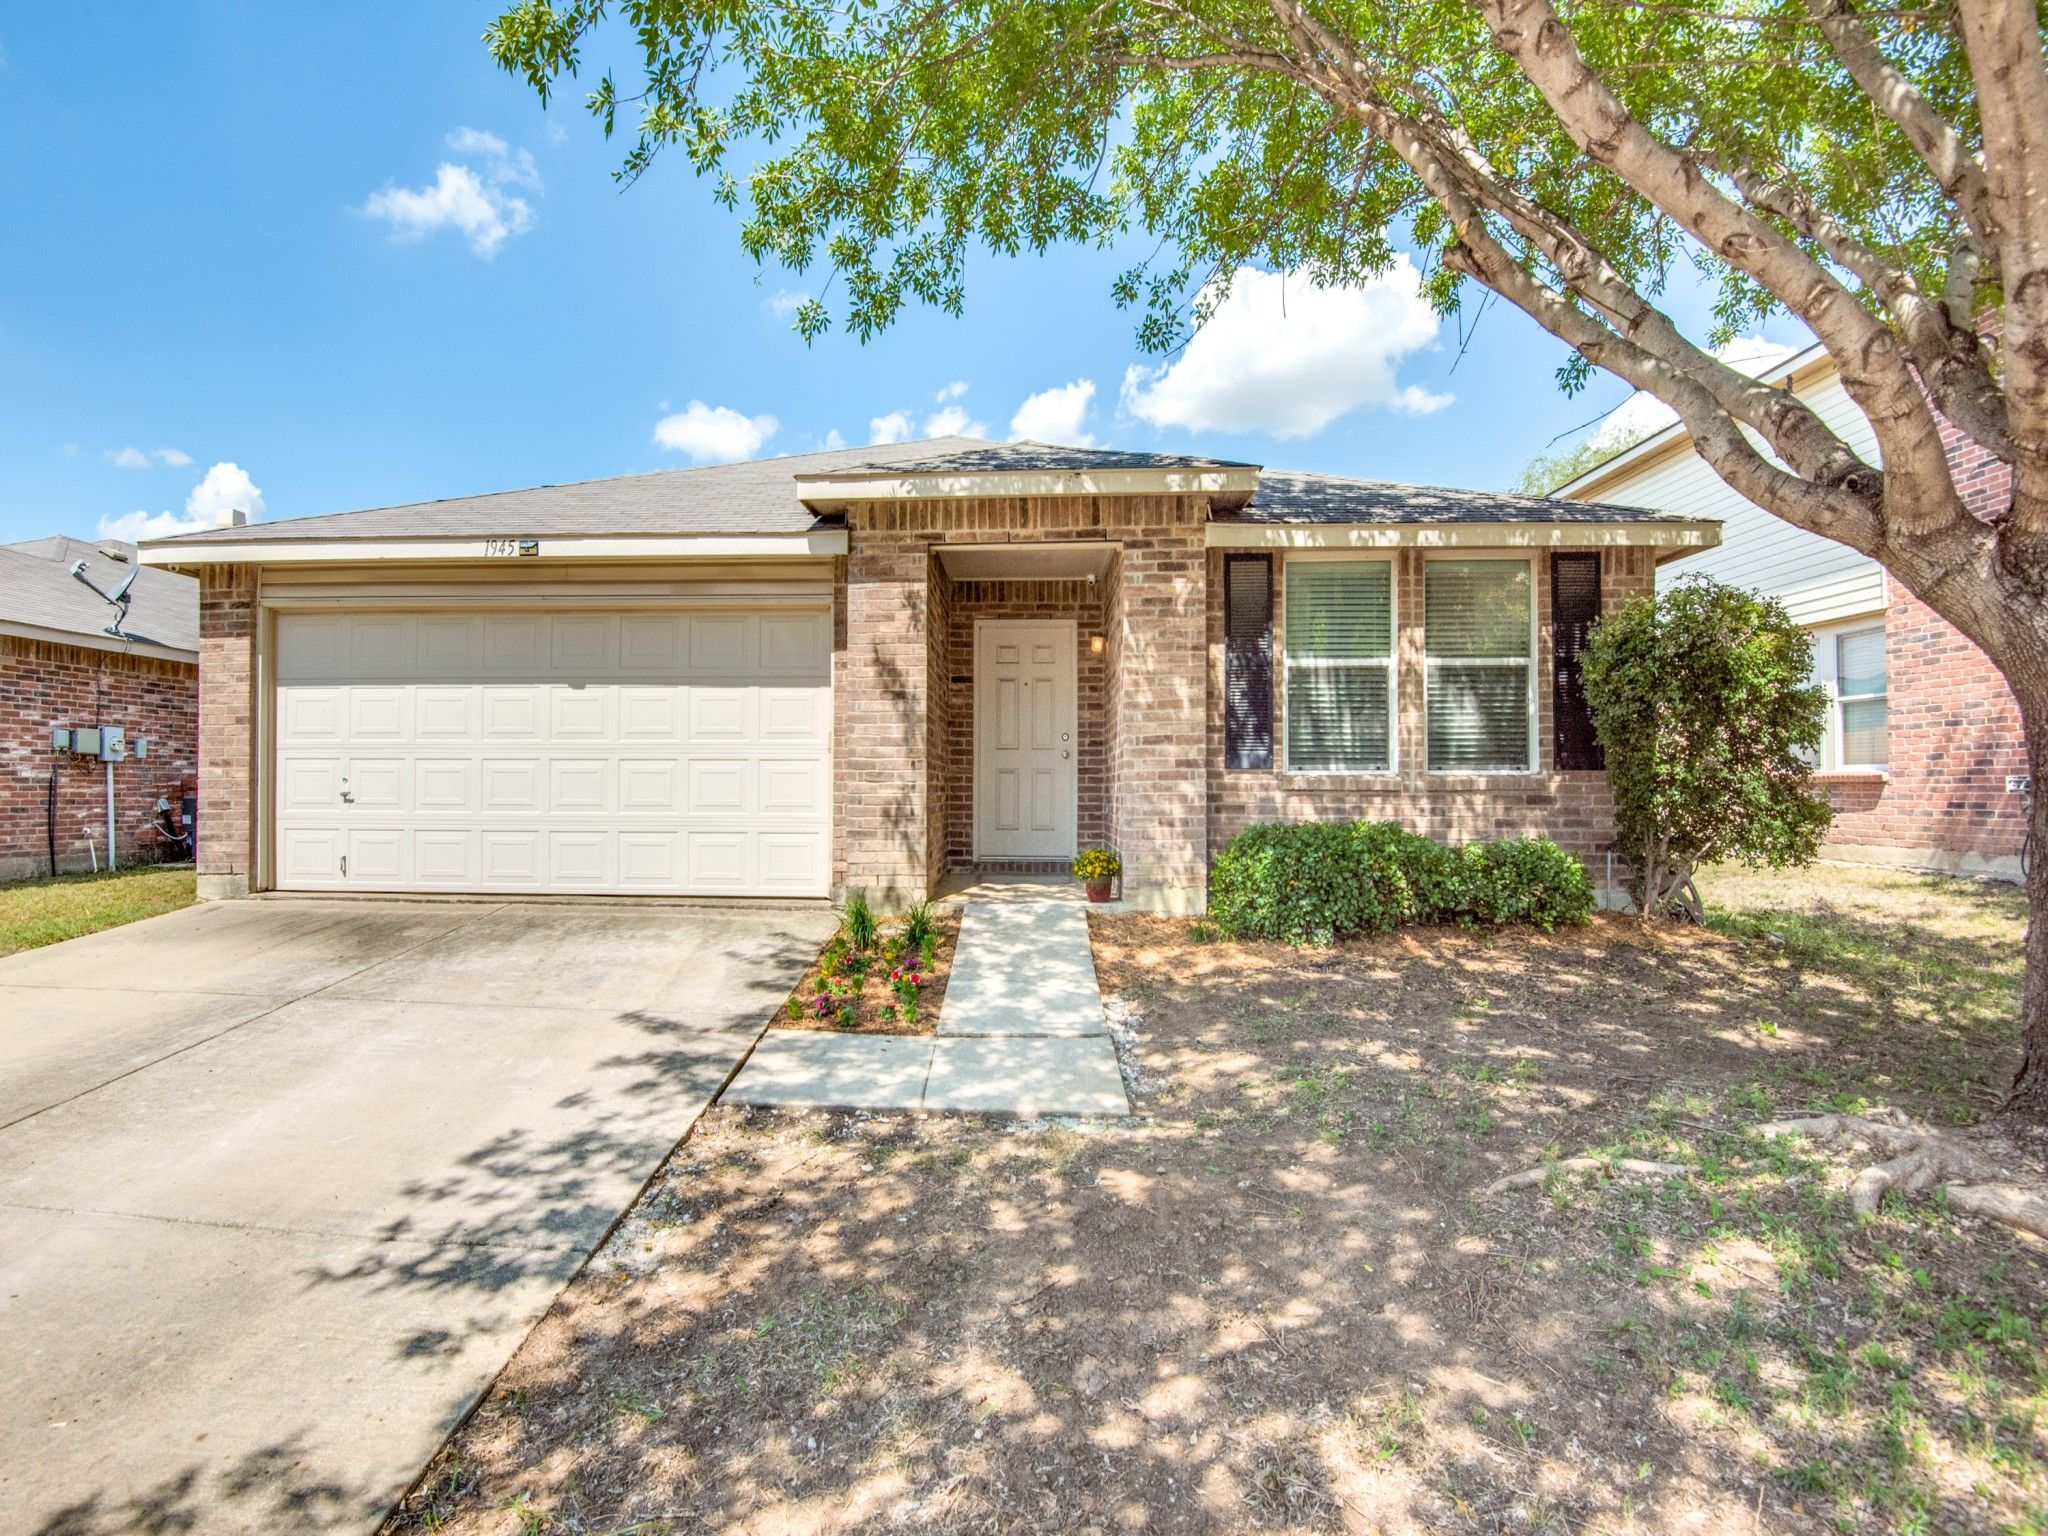 1945 Riverchase Ln Justin Tx 76247 Garage Doors Real Estate